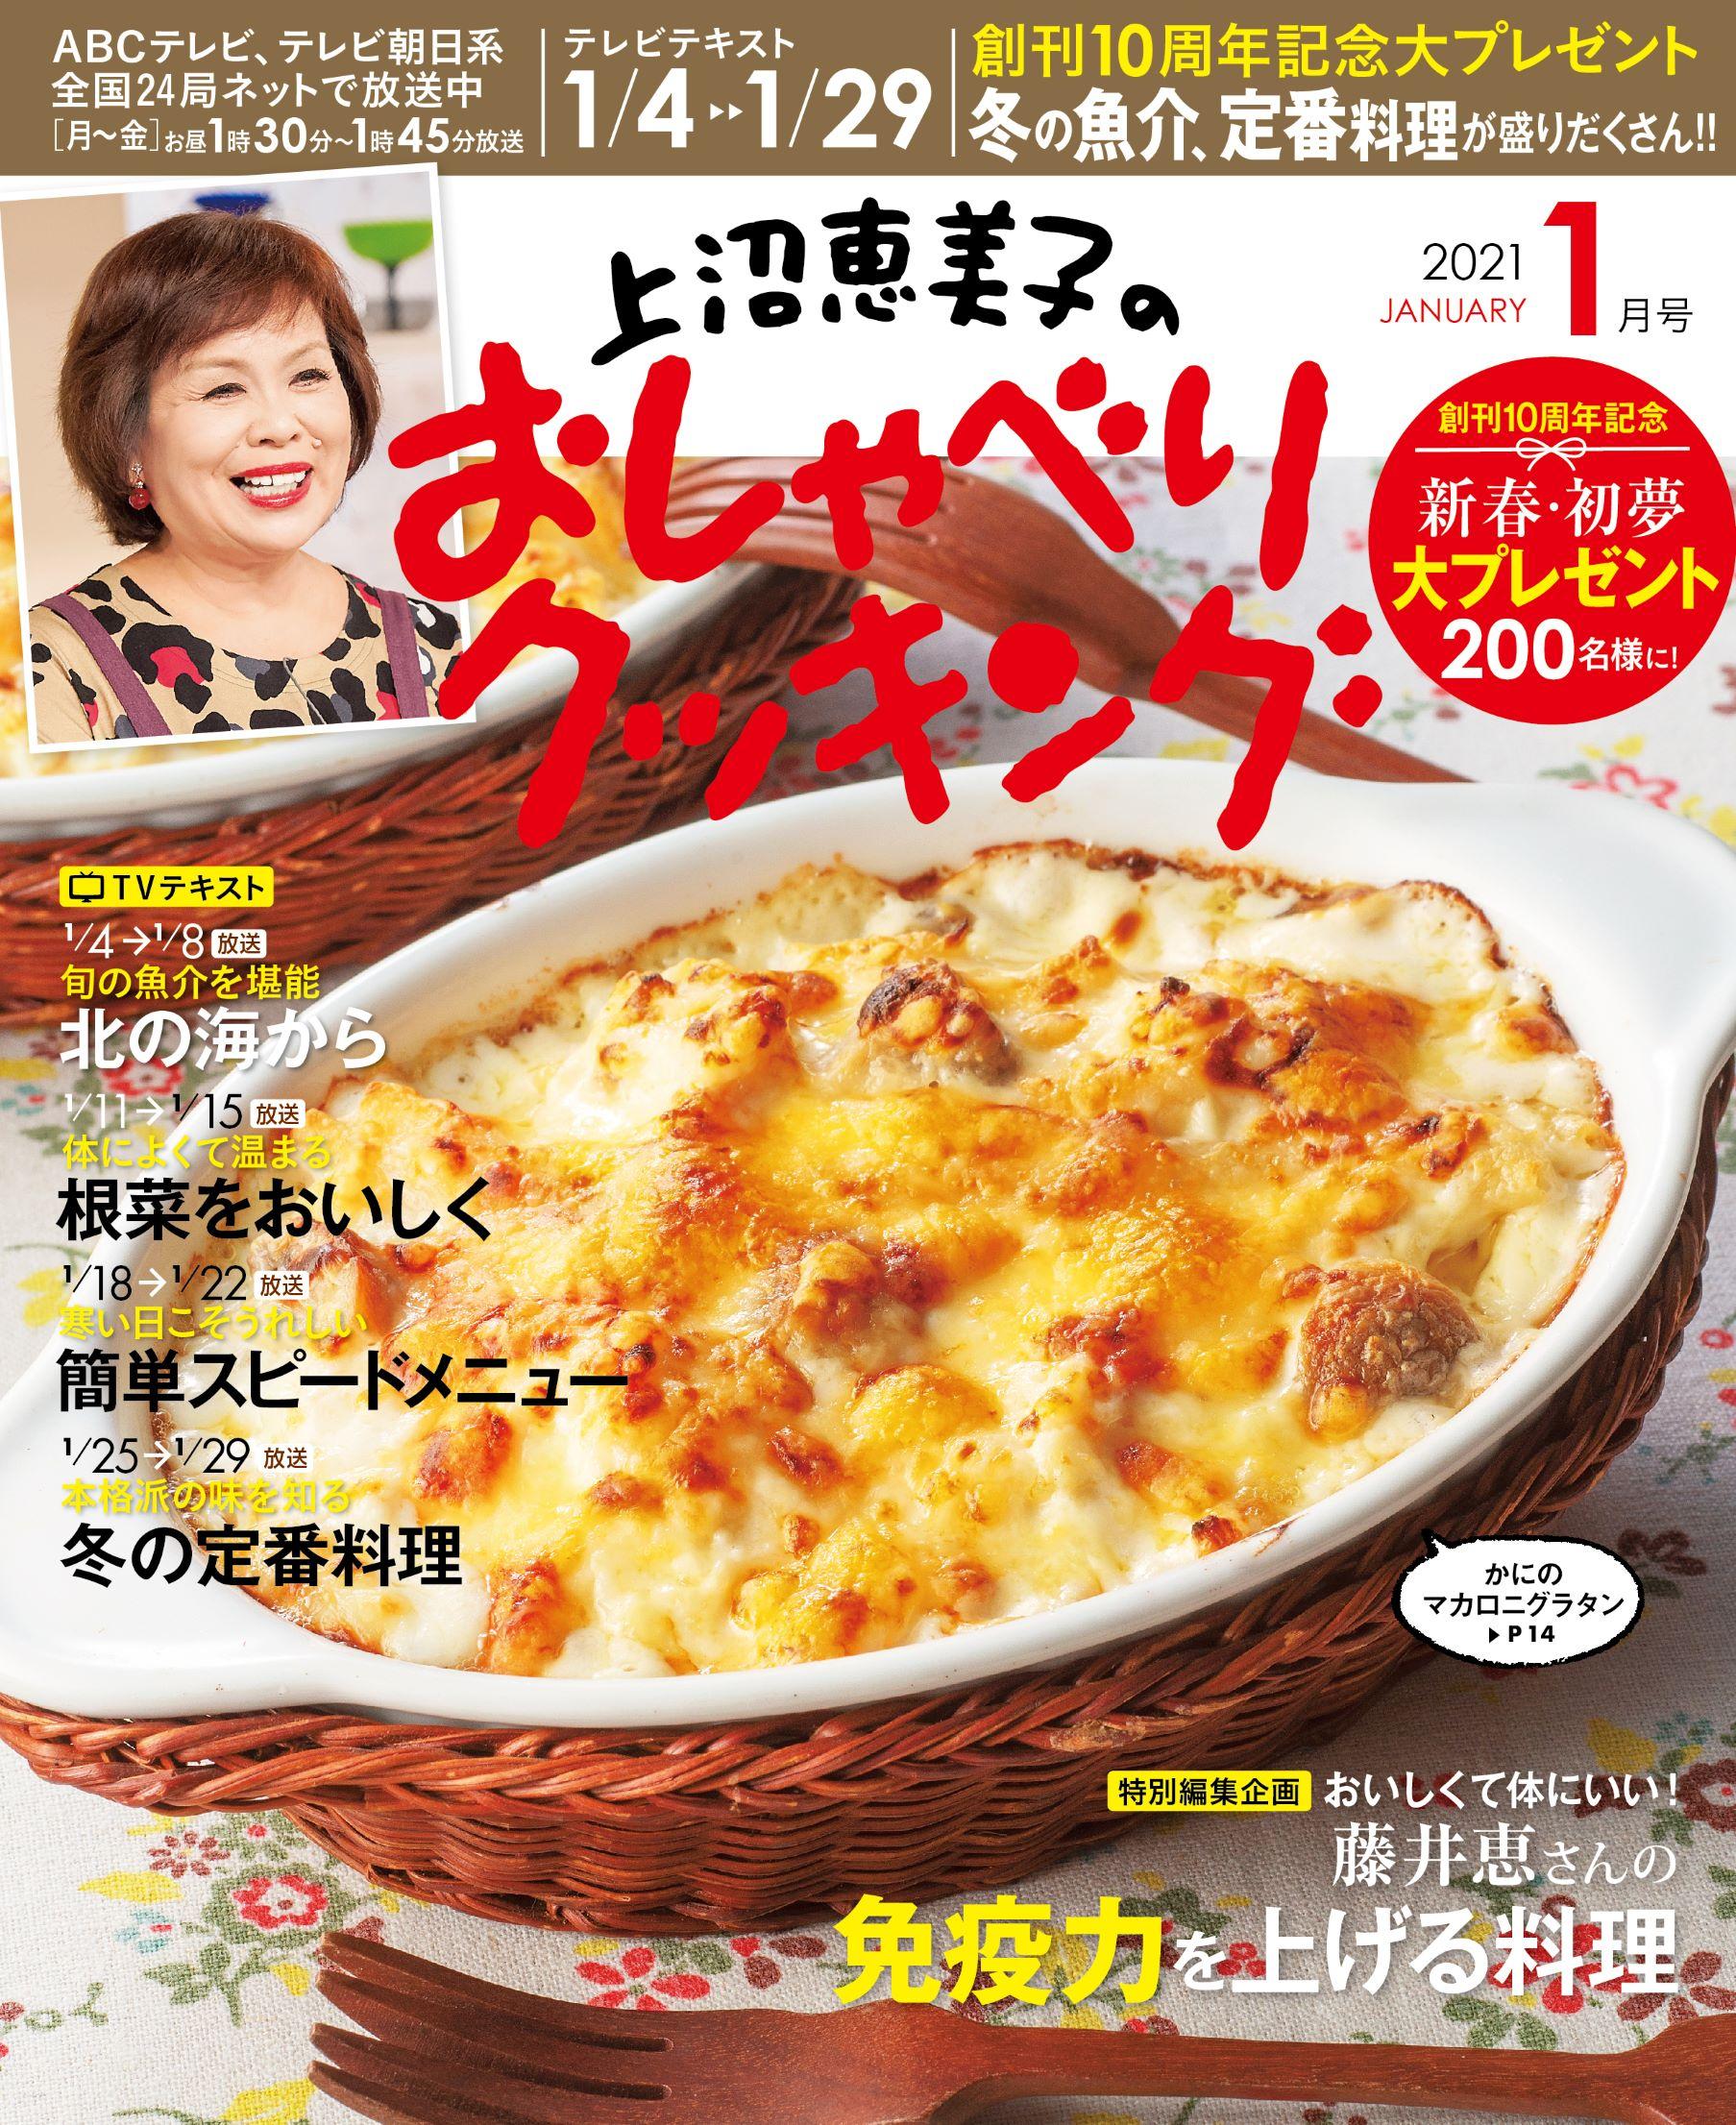 太っ腹!「上沼恵美子のおしゃべりクッキング」創刊10周年記念うれしい企画